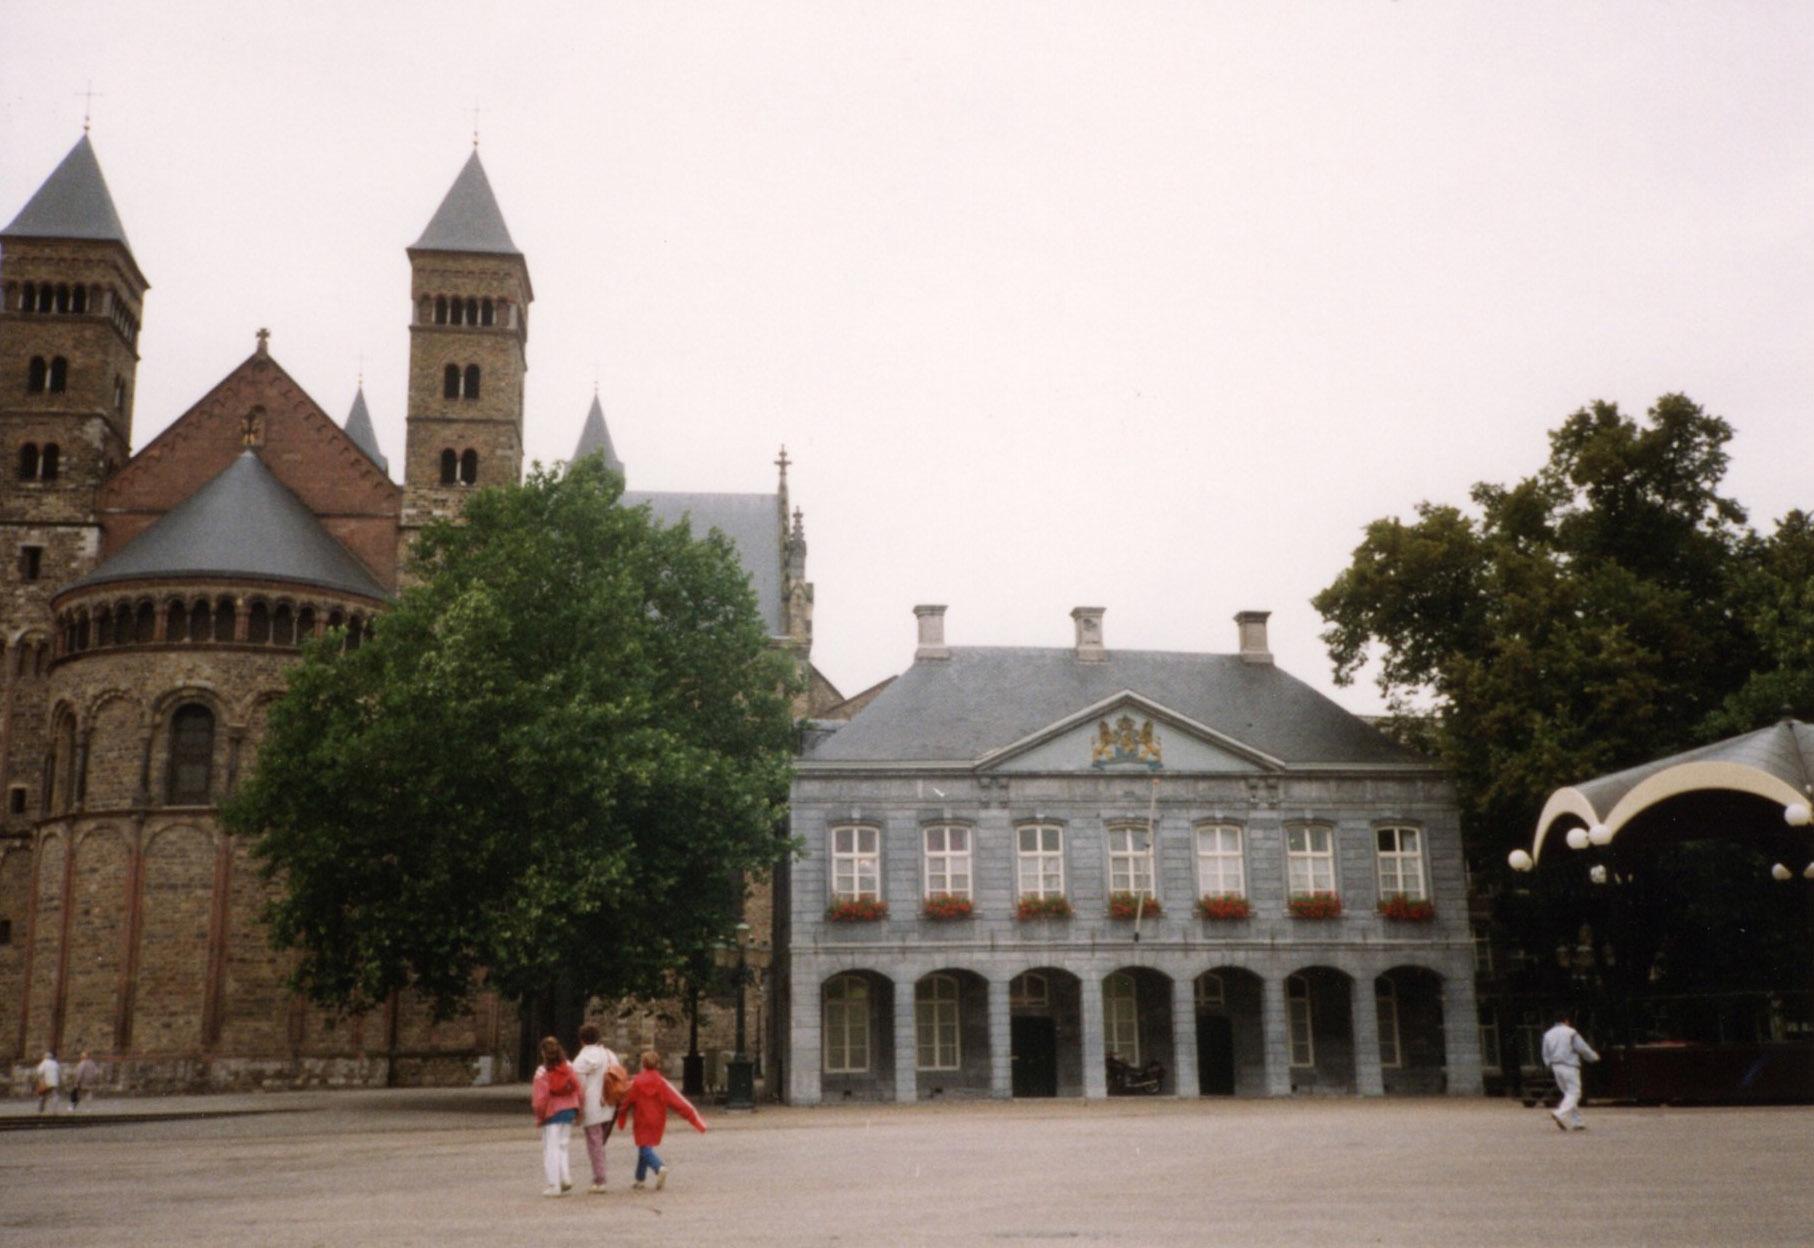 オランダ最古の町、マーストリヒト_d0193569_07572870.jpg